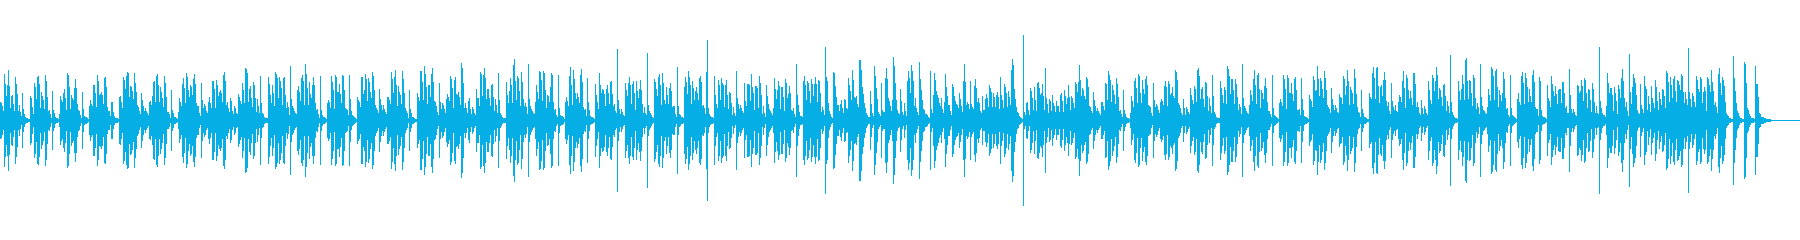 まったりと可愛い癒しの日常BGMの再生済みの波形